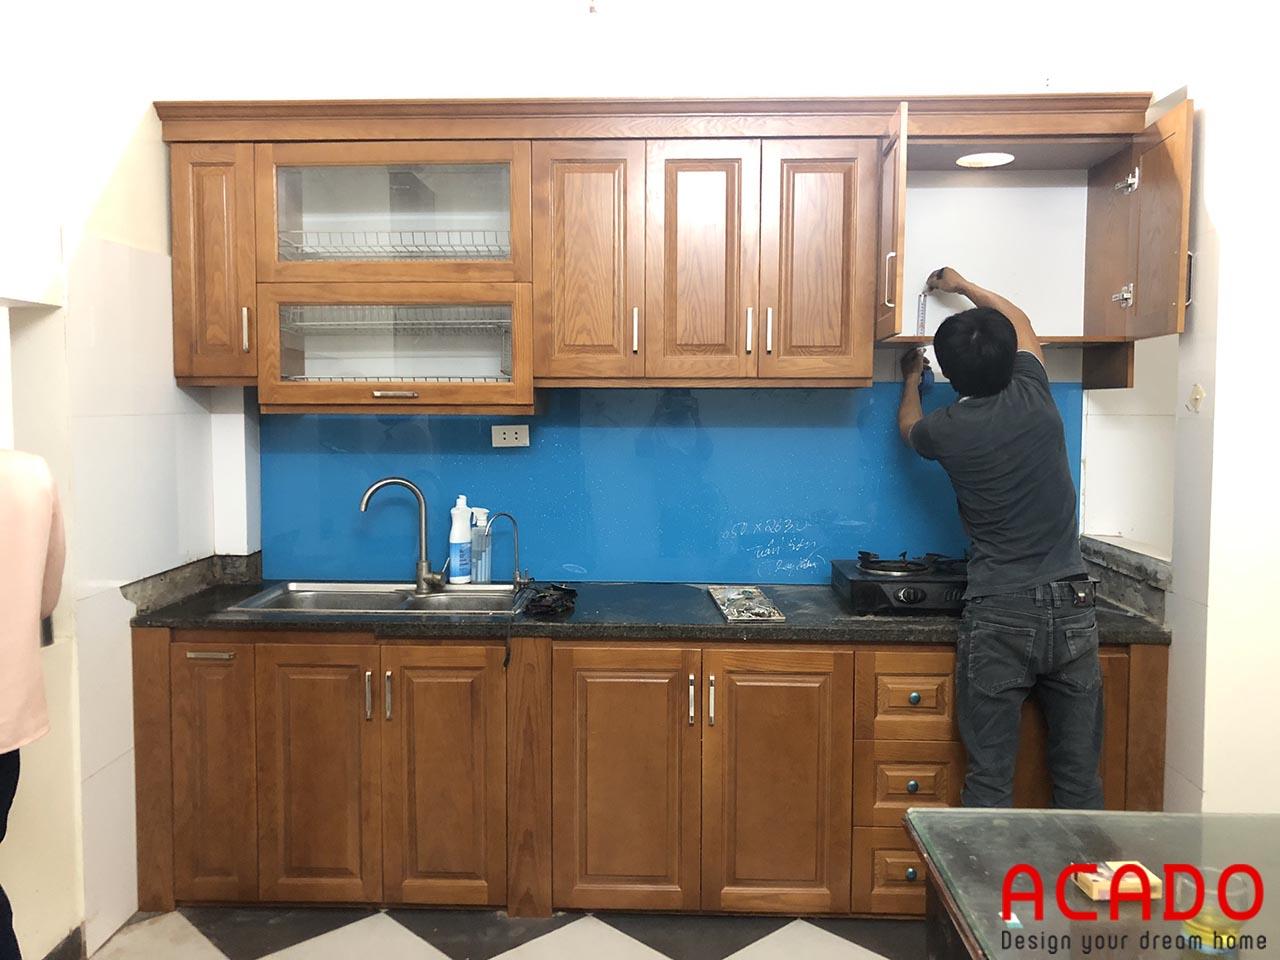 Thợ ACADO đang thi công những công đoạn cuối cùng của bộ tủ bếp gỗ sồi Nga